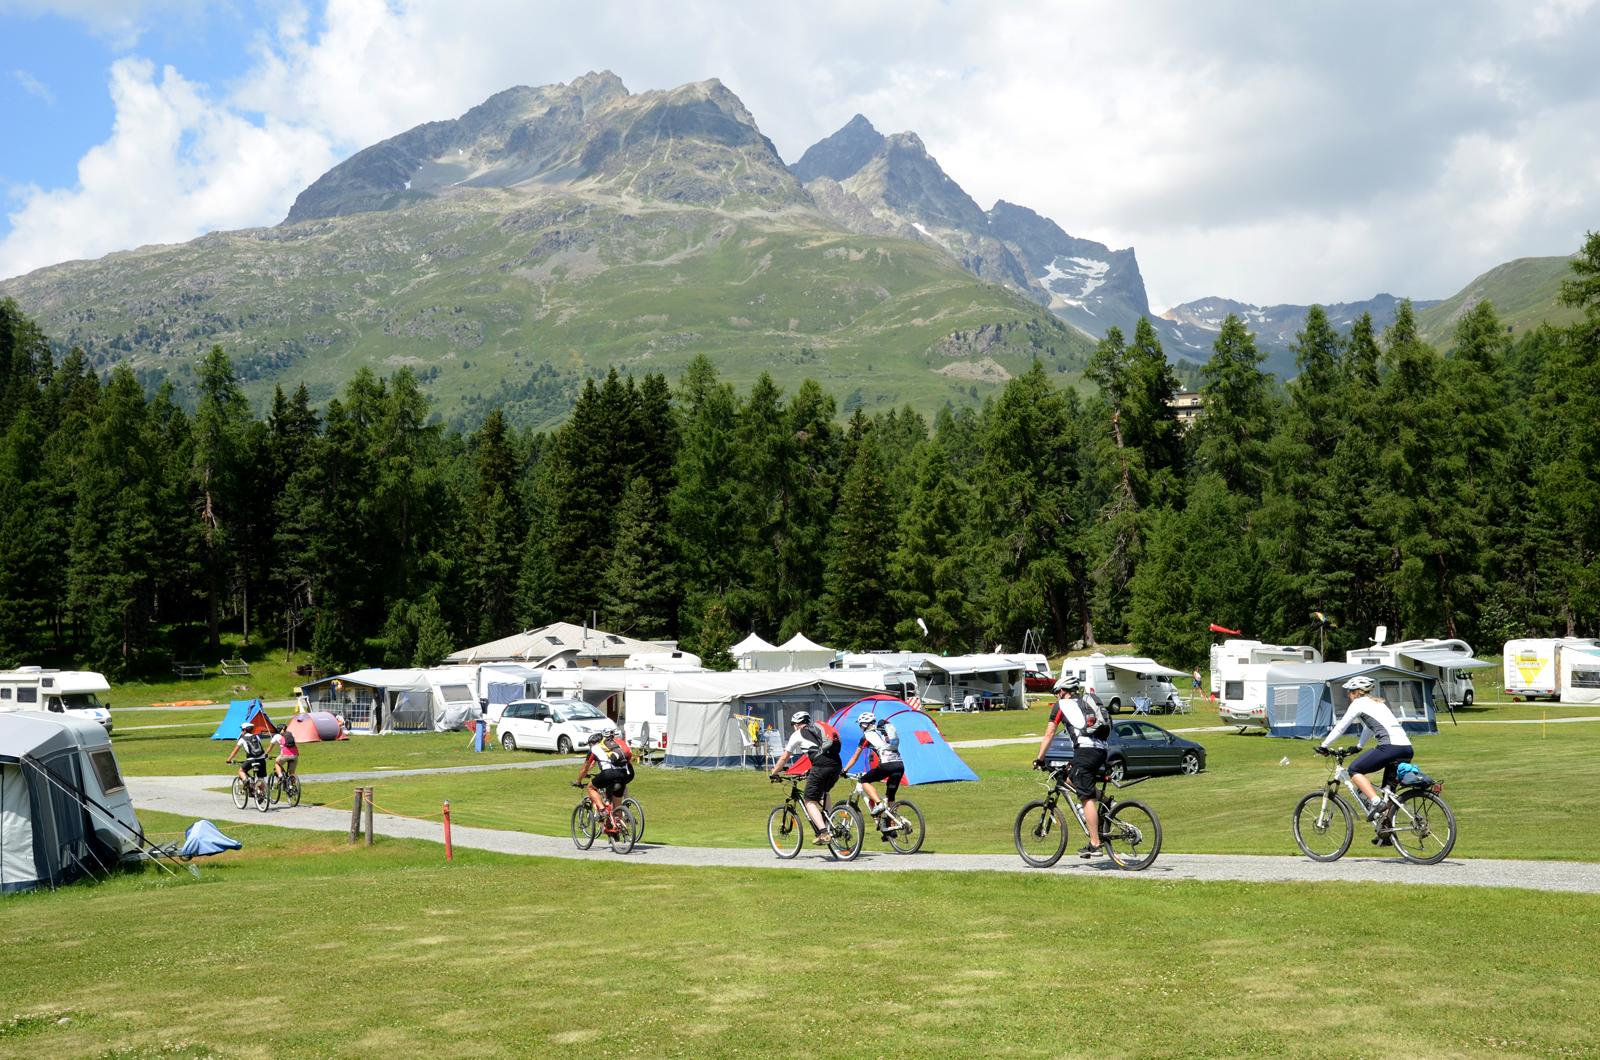 TCS Camping St. Moritz Slide 4